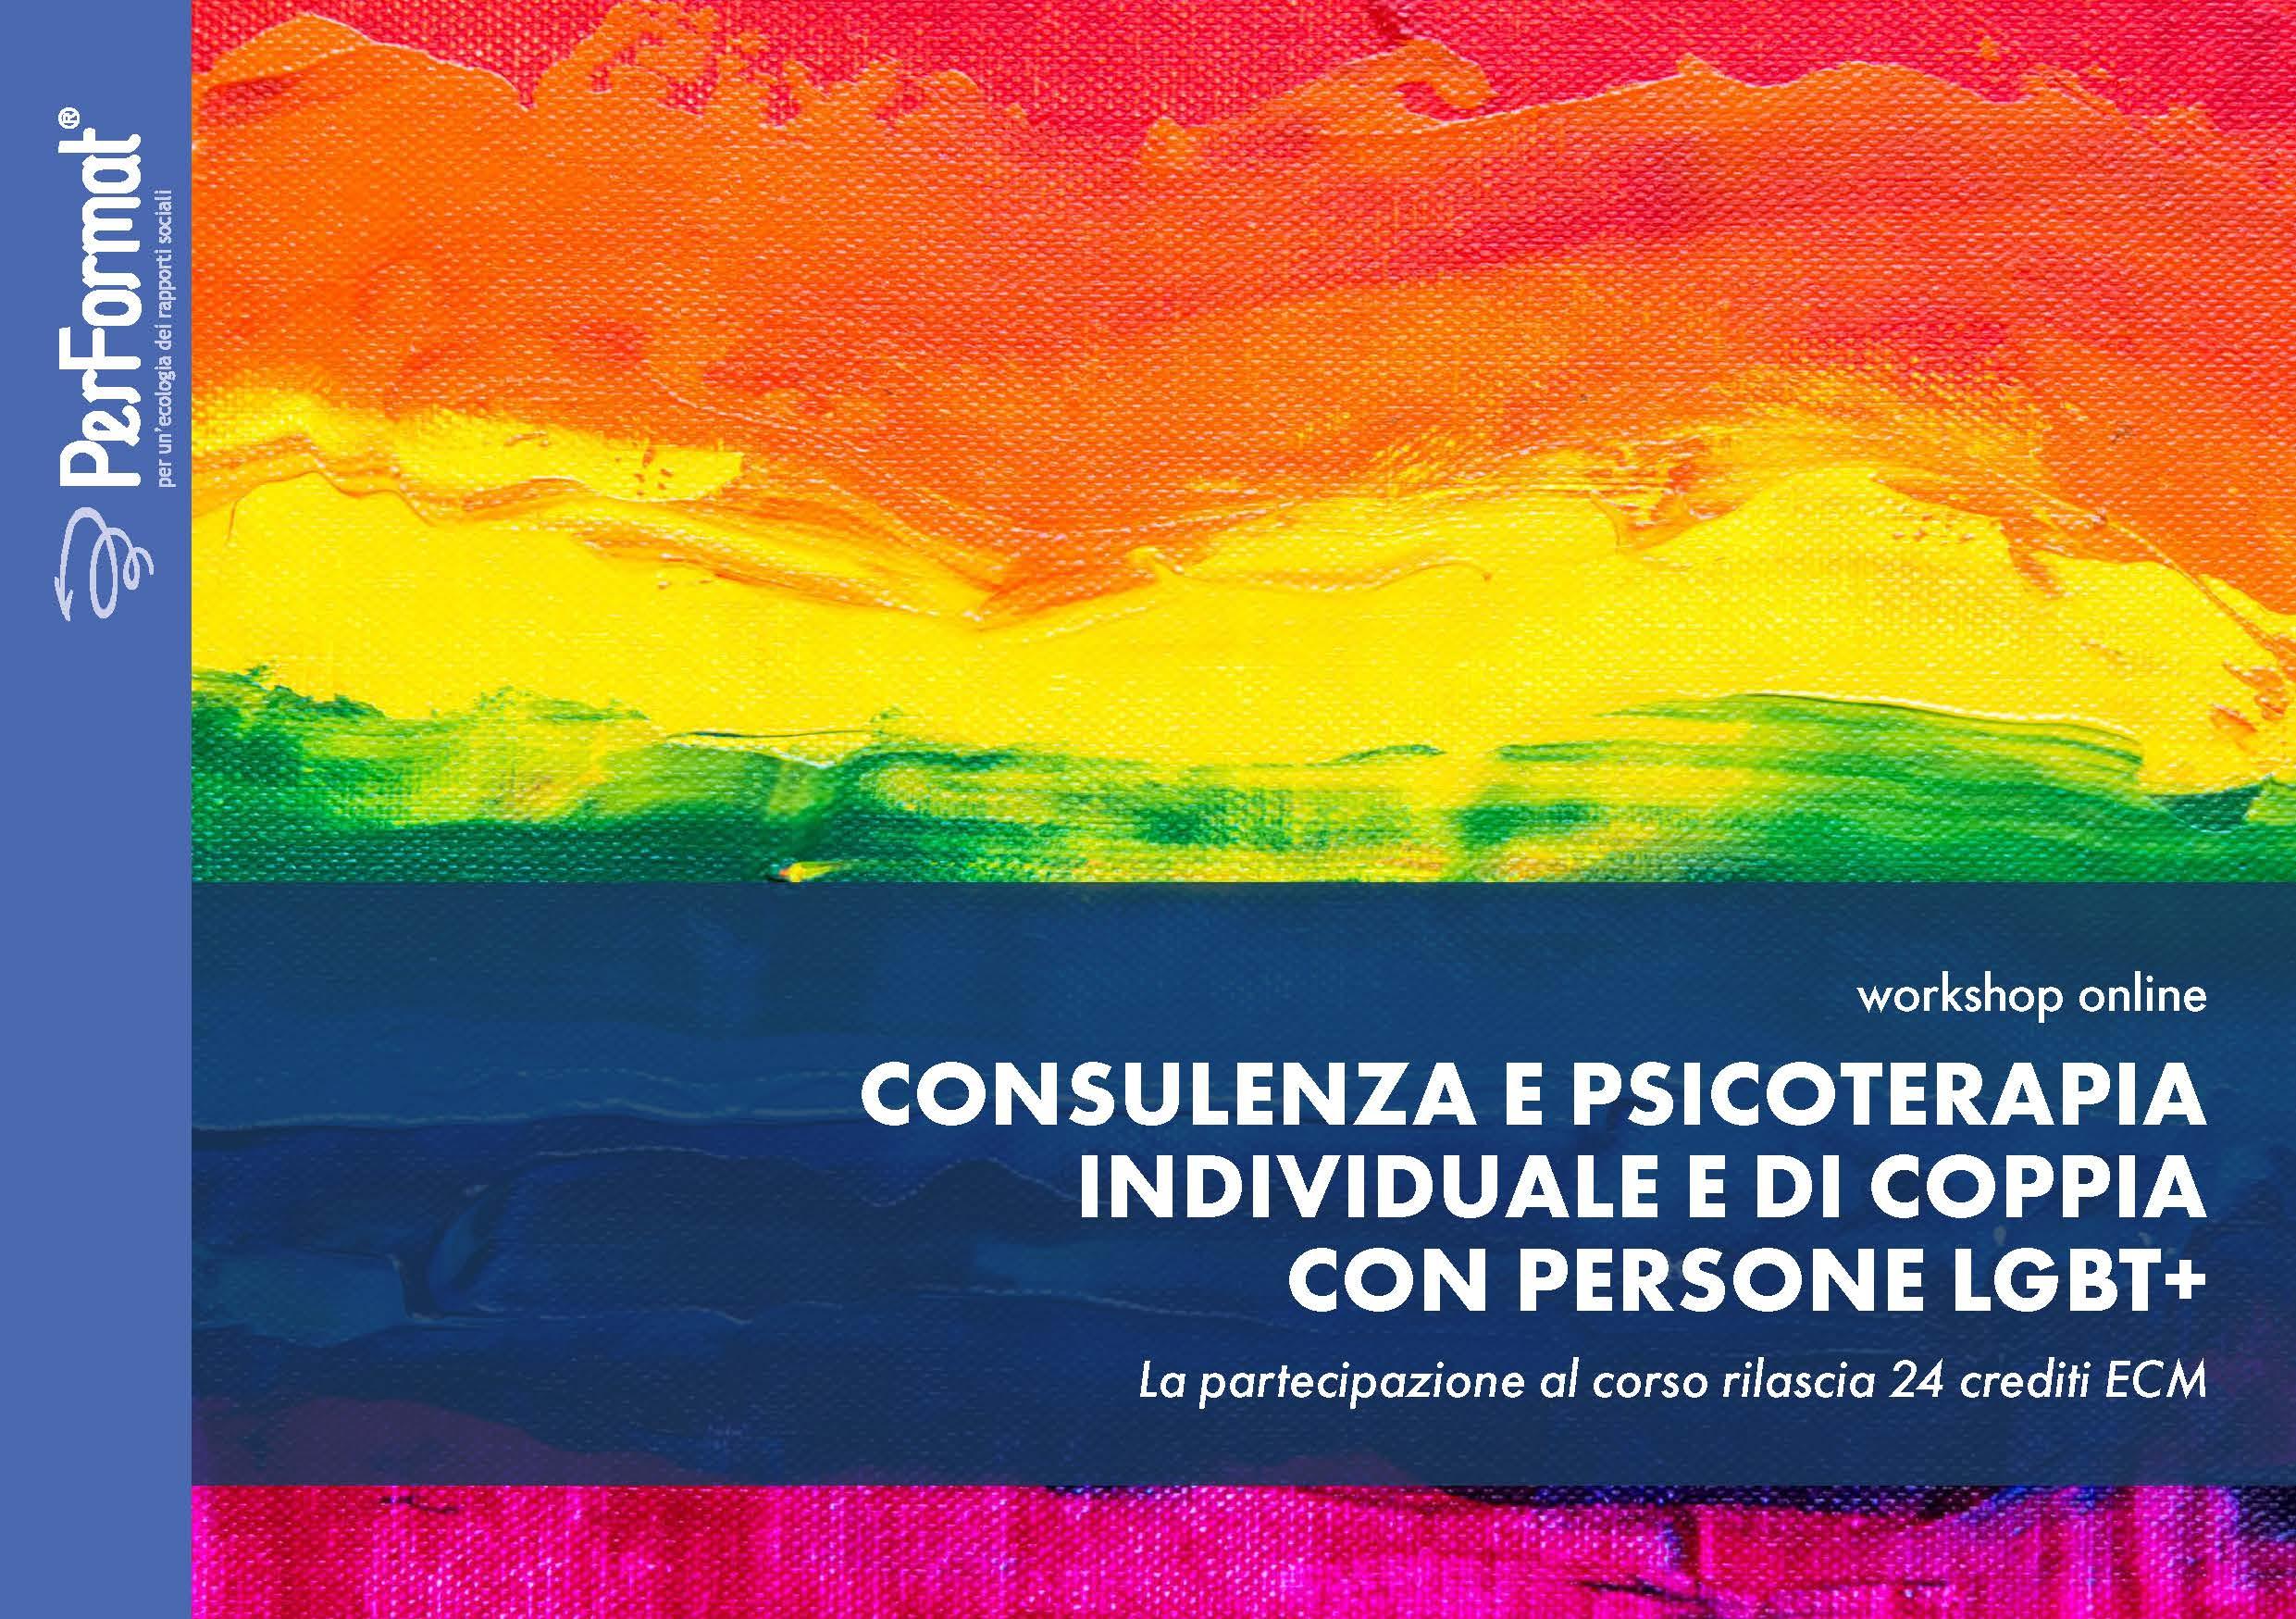 Workshop, Consulenza e Psicoterapia individuale e di coppia con persone LGBT